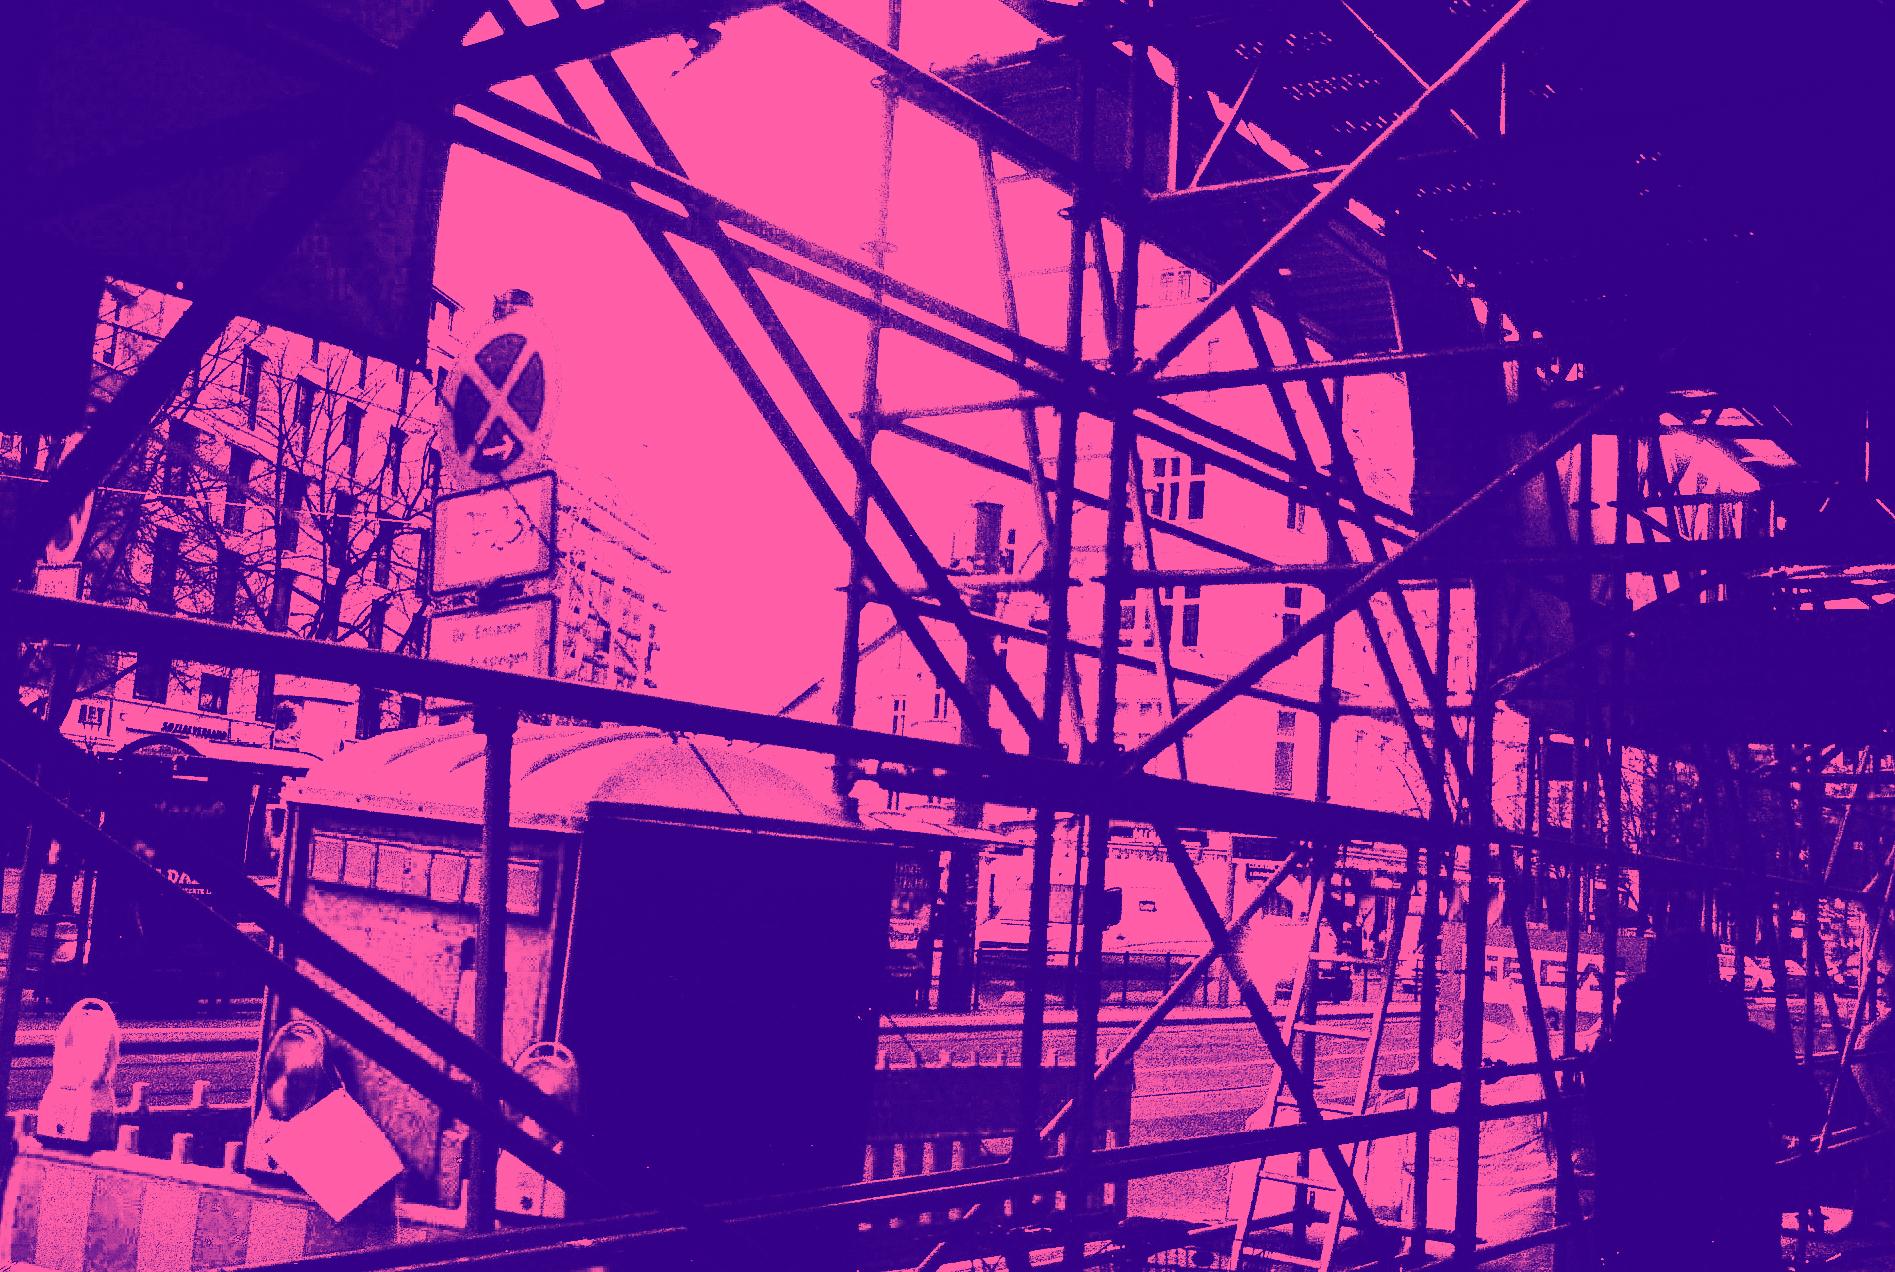 spontaneous Centre Pompidou